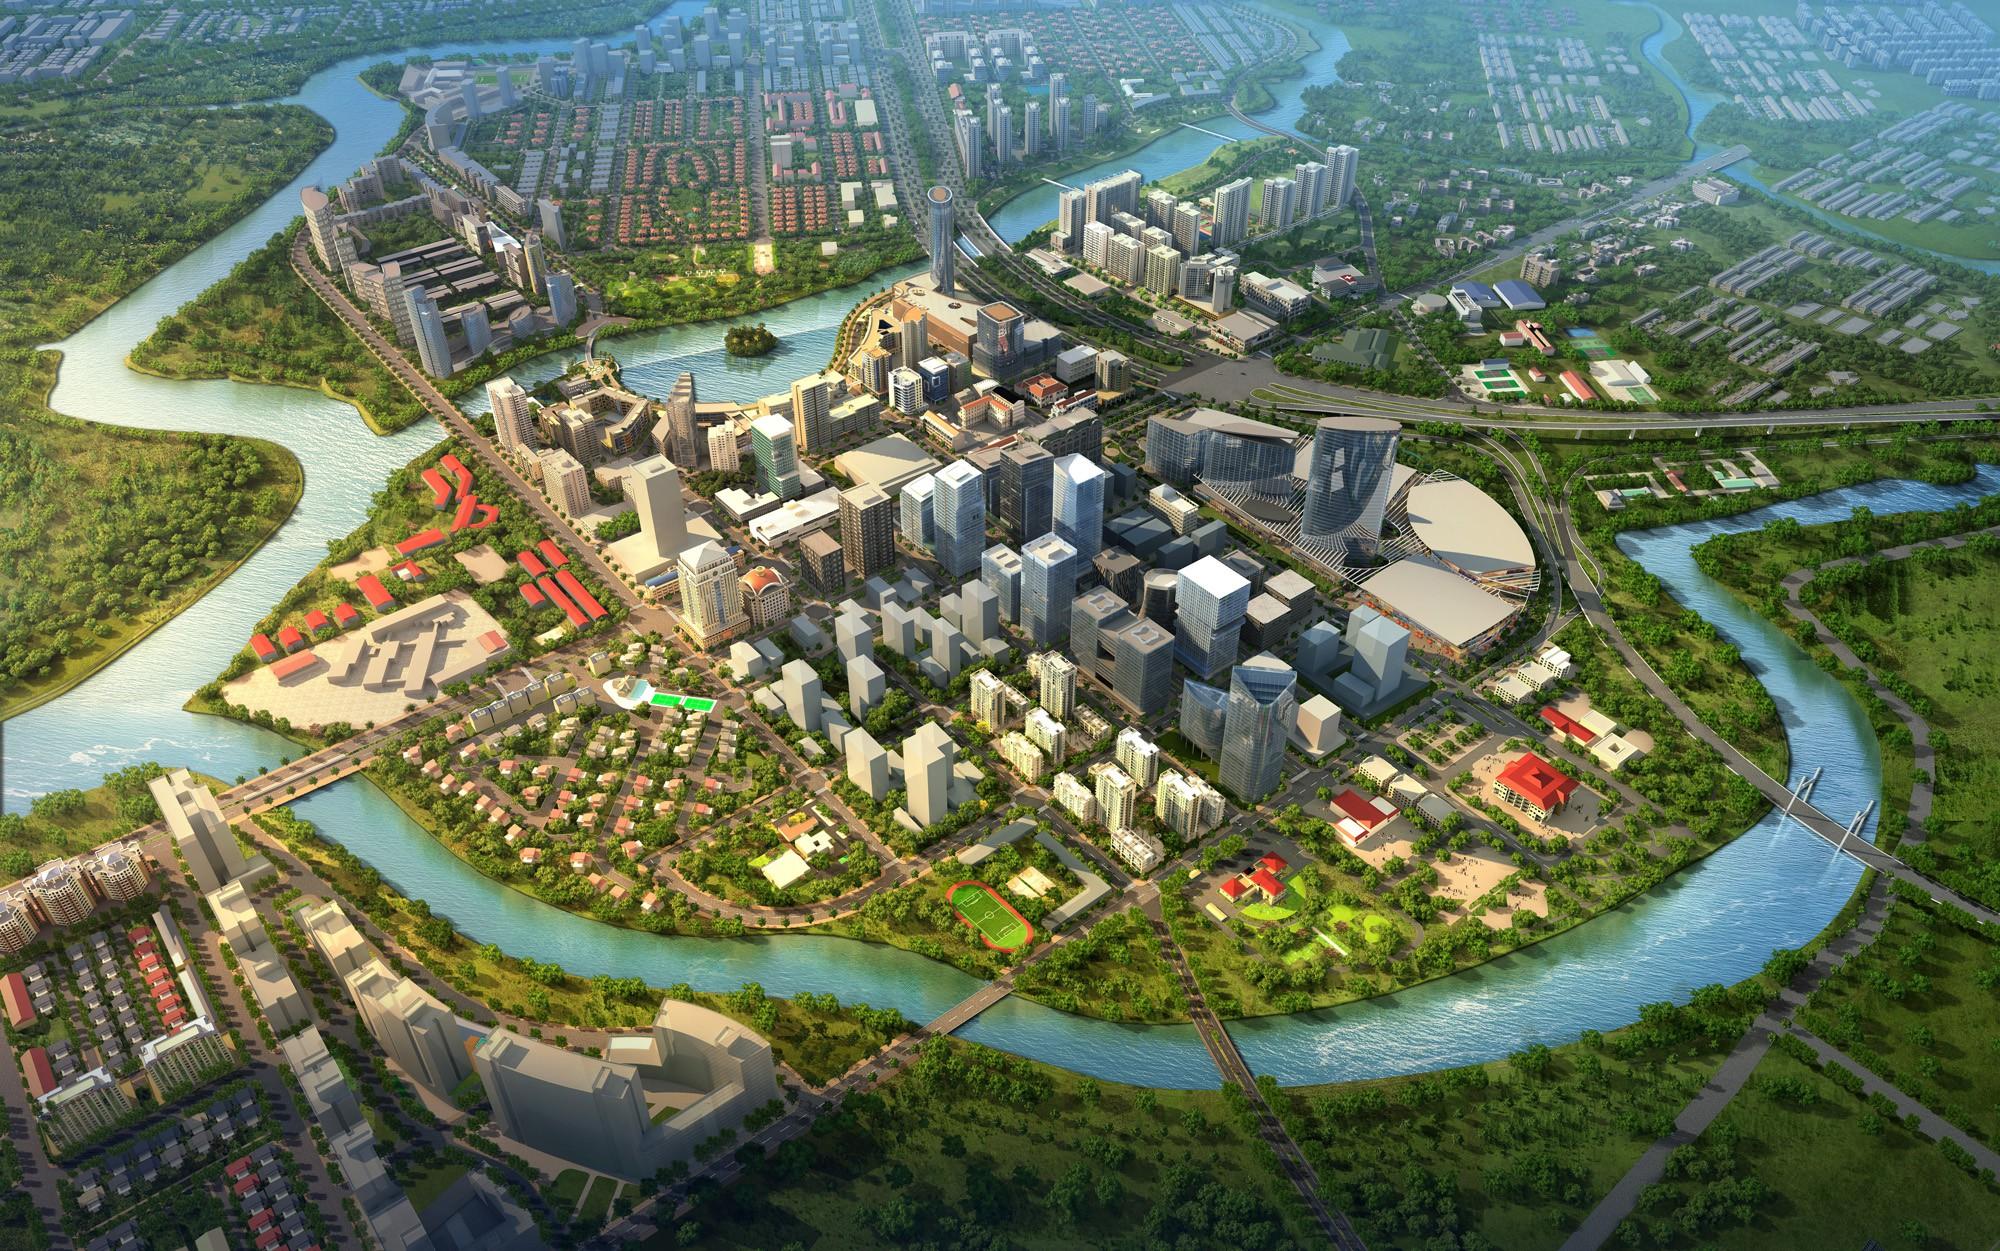 Khi thị trường Bất động sản là một cuộc chơi, Phú Mỹ Hưng được xem là chủ đầu tư tự định luật cho chính mình - Ảnh 2.